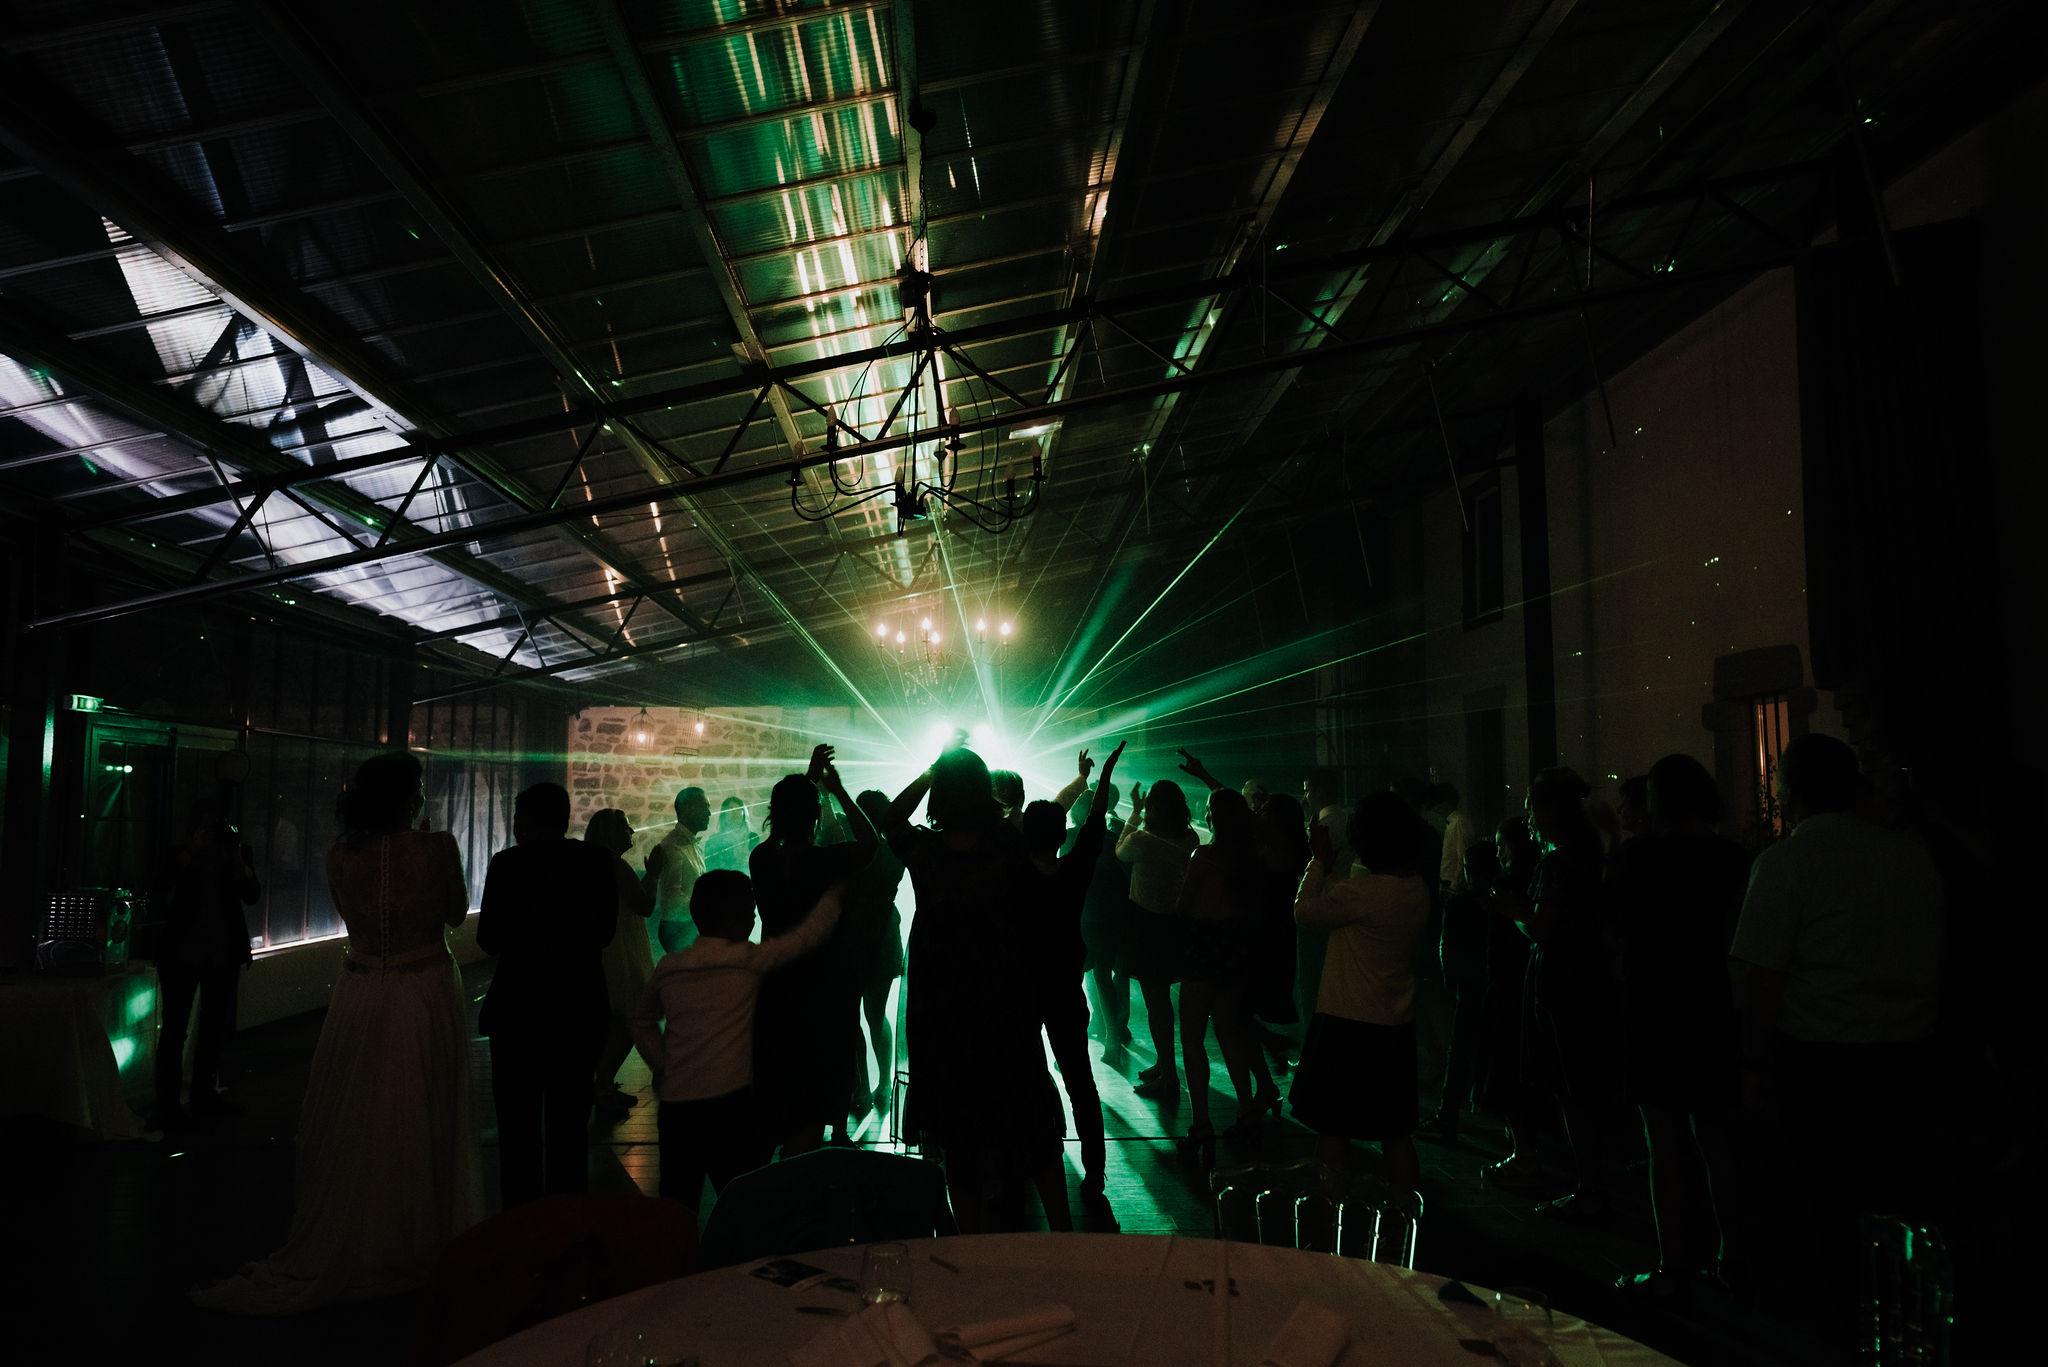 Léa-Fery-photographe-professionnel-lyon-rhone-alpes-portrait-creation-mariage-evenement-evenementiel-famille--264.jpg